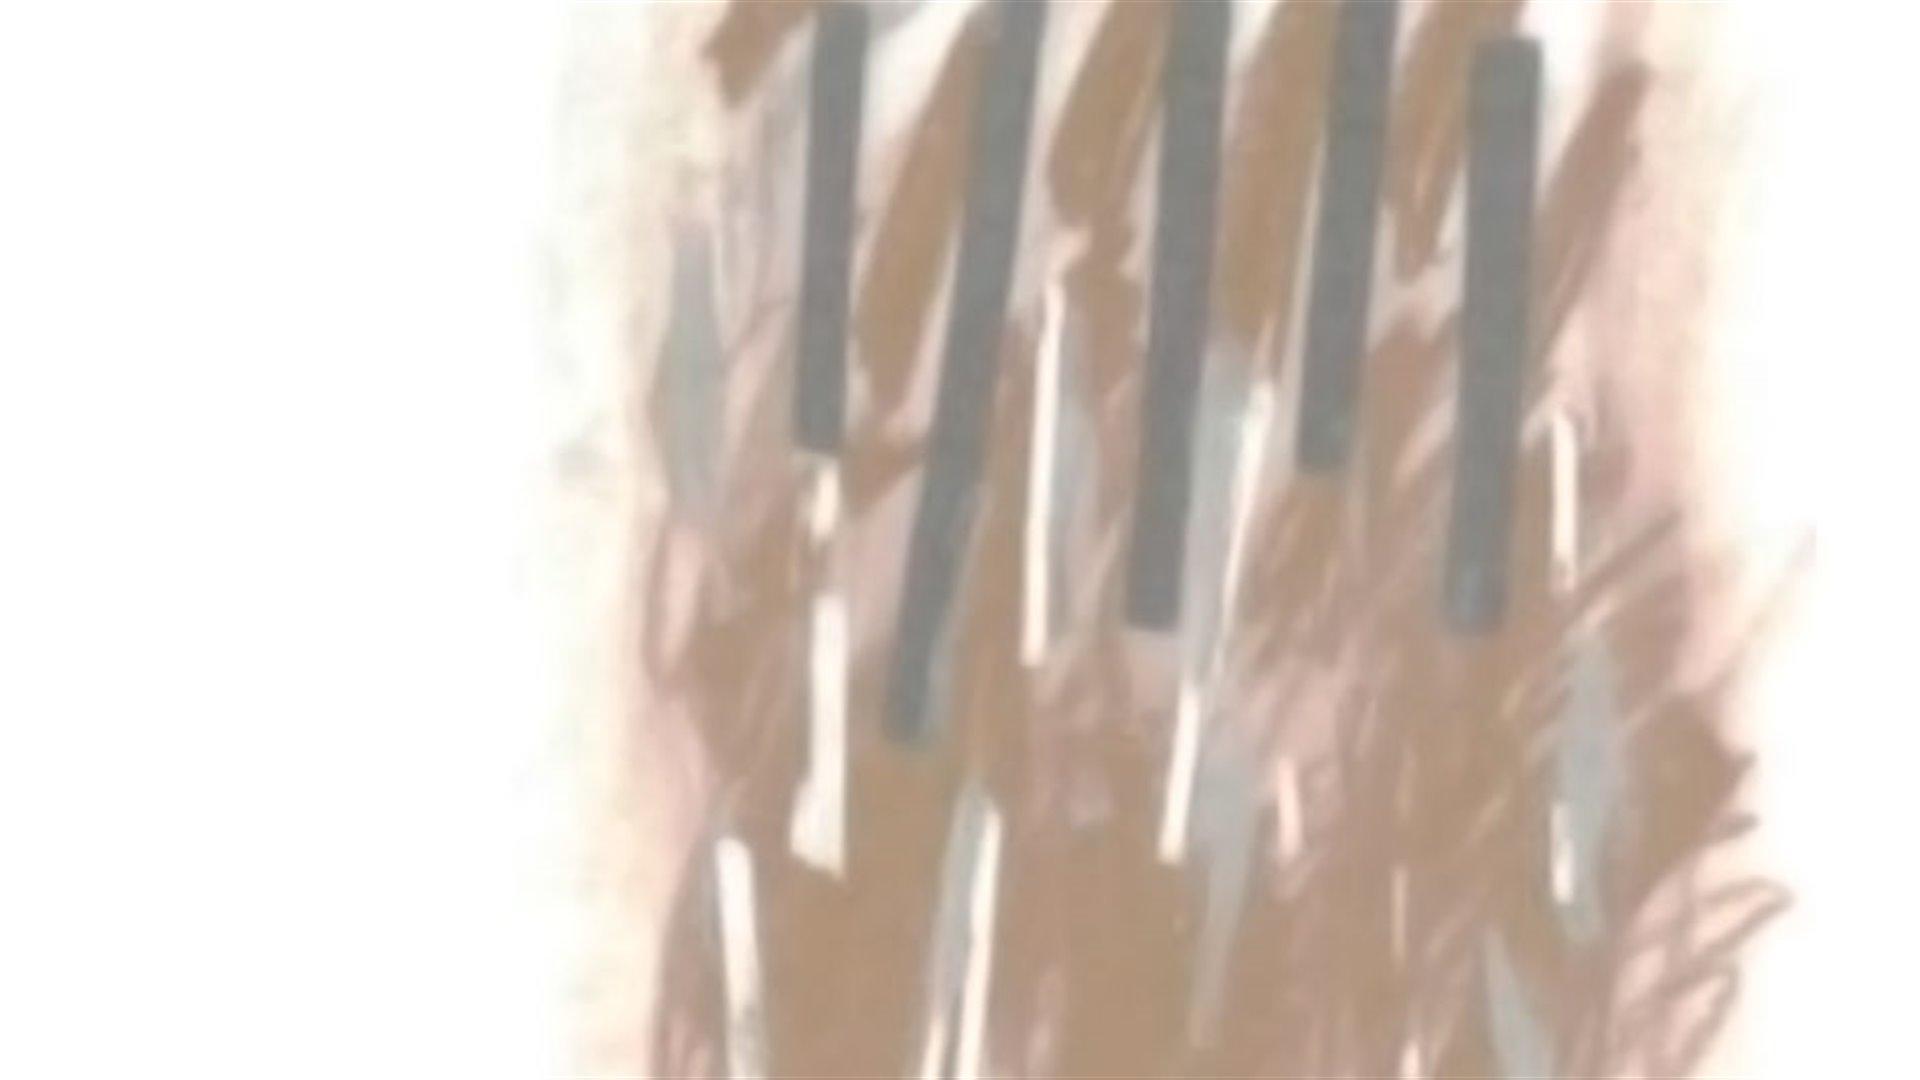 Concierto especial 31. Presentación del Catálogo de obras de Salvador Bacarisse, de Ch. Heine